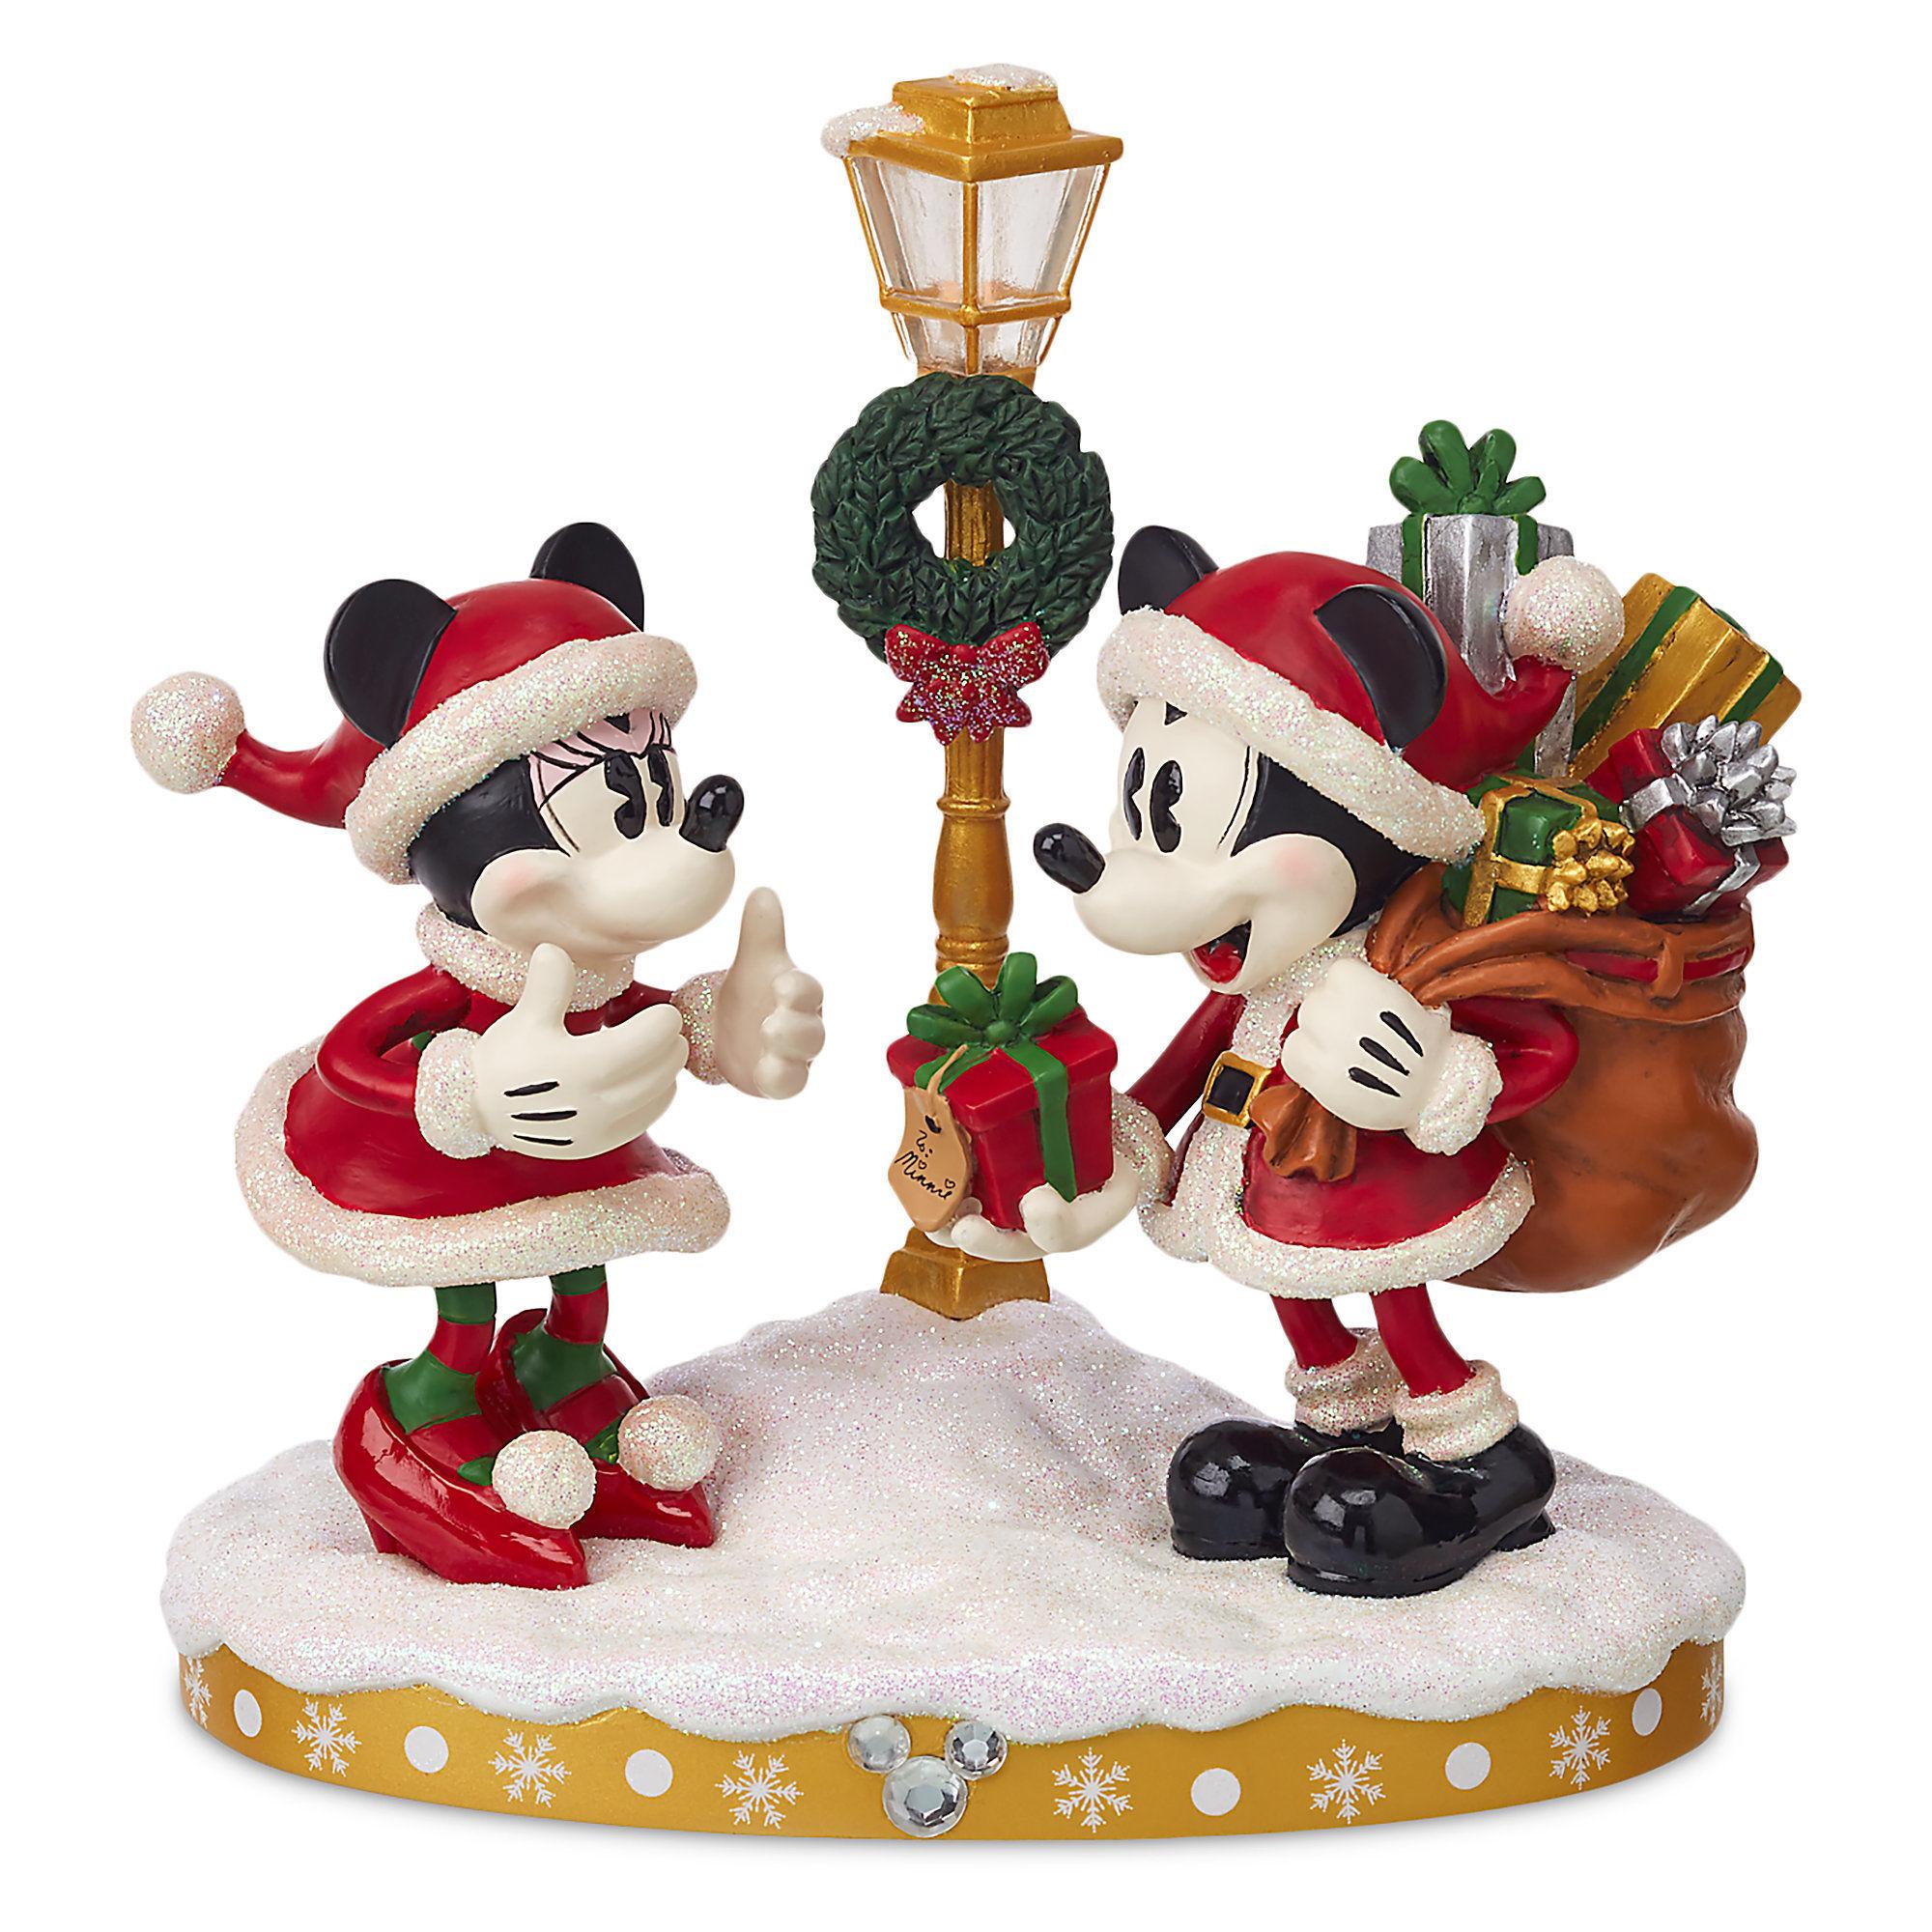 Christmas merchandise